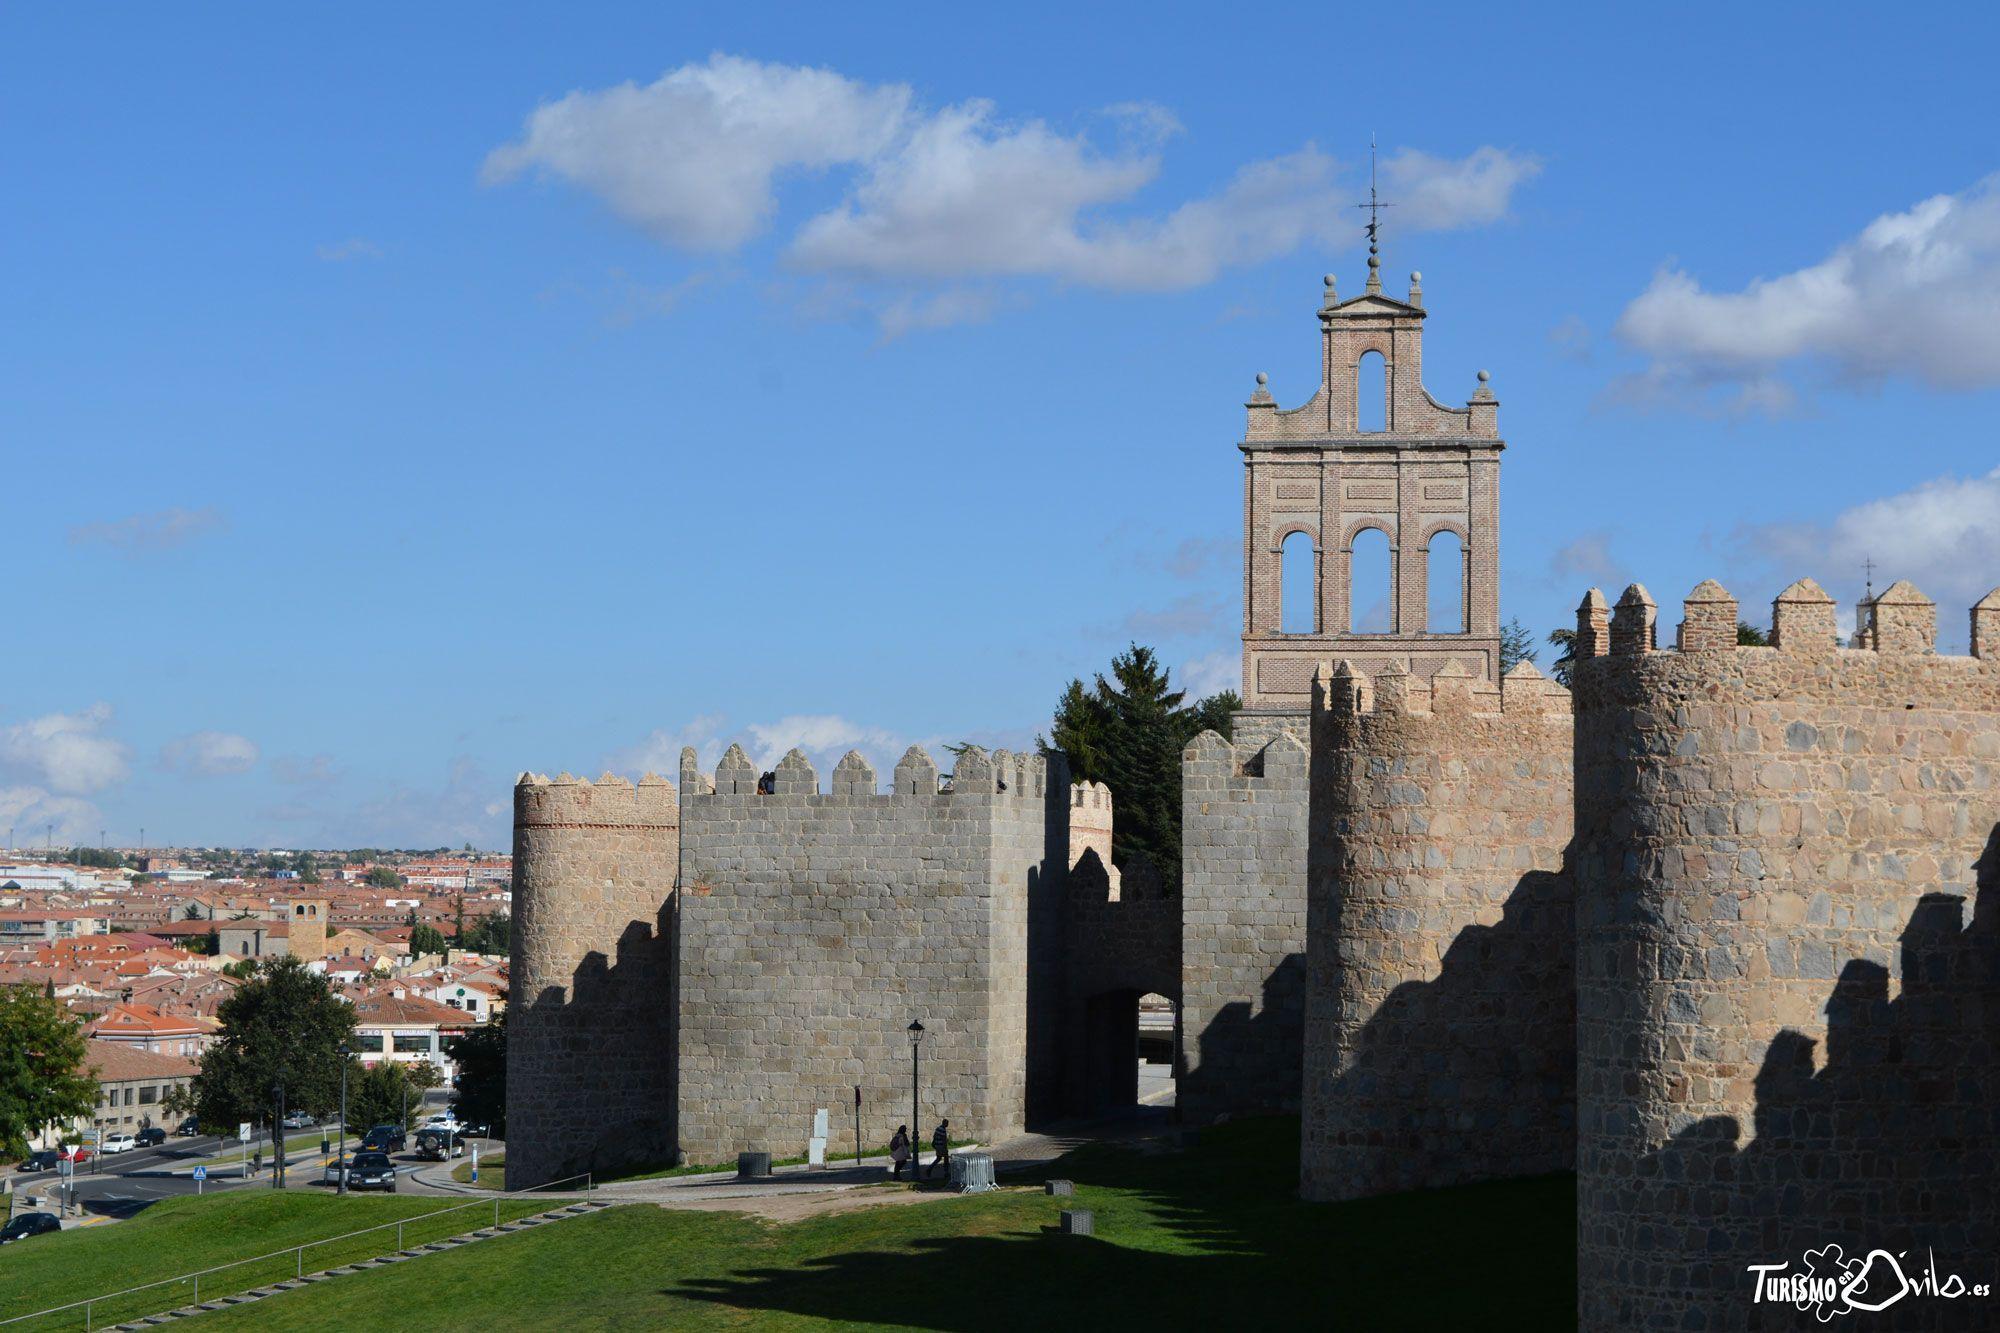 Qué ver en Ávila: Puerta del Carmen, una de las puertas de la Muralla de Ávila más visitadas